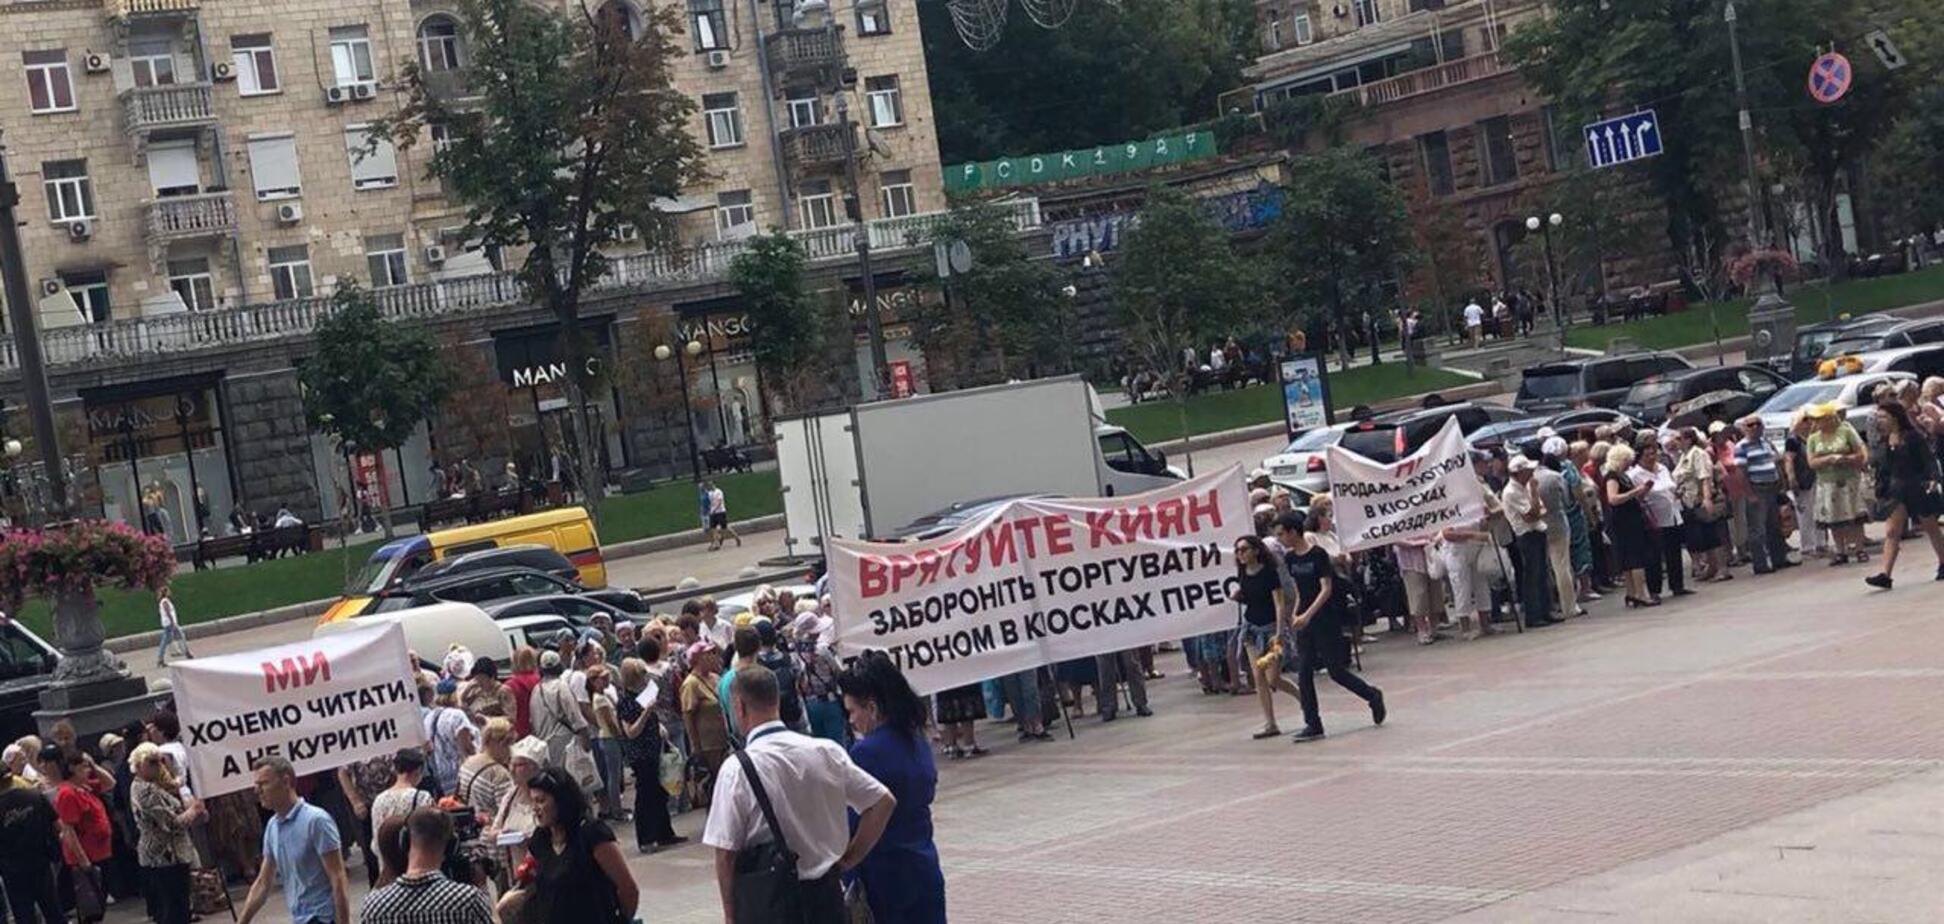 Покурить вместо почитать предлагает киевлянам 'Союзпечать'